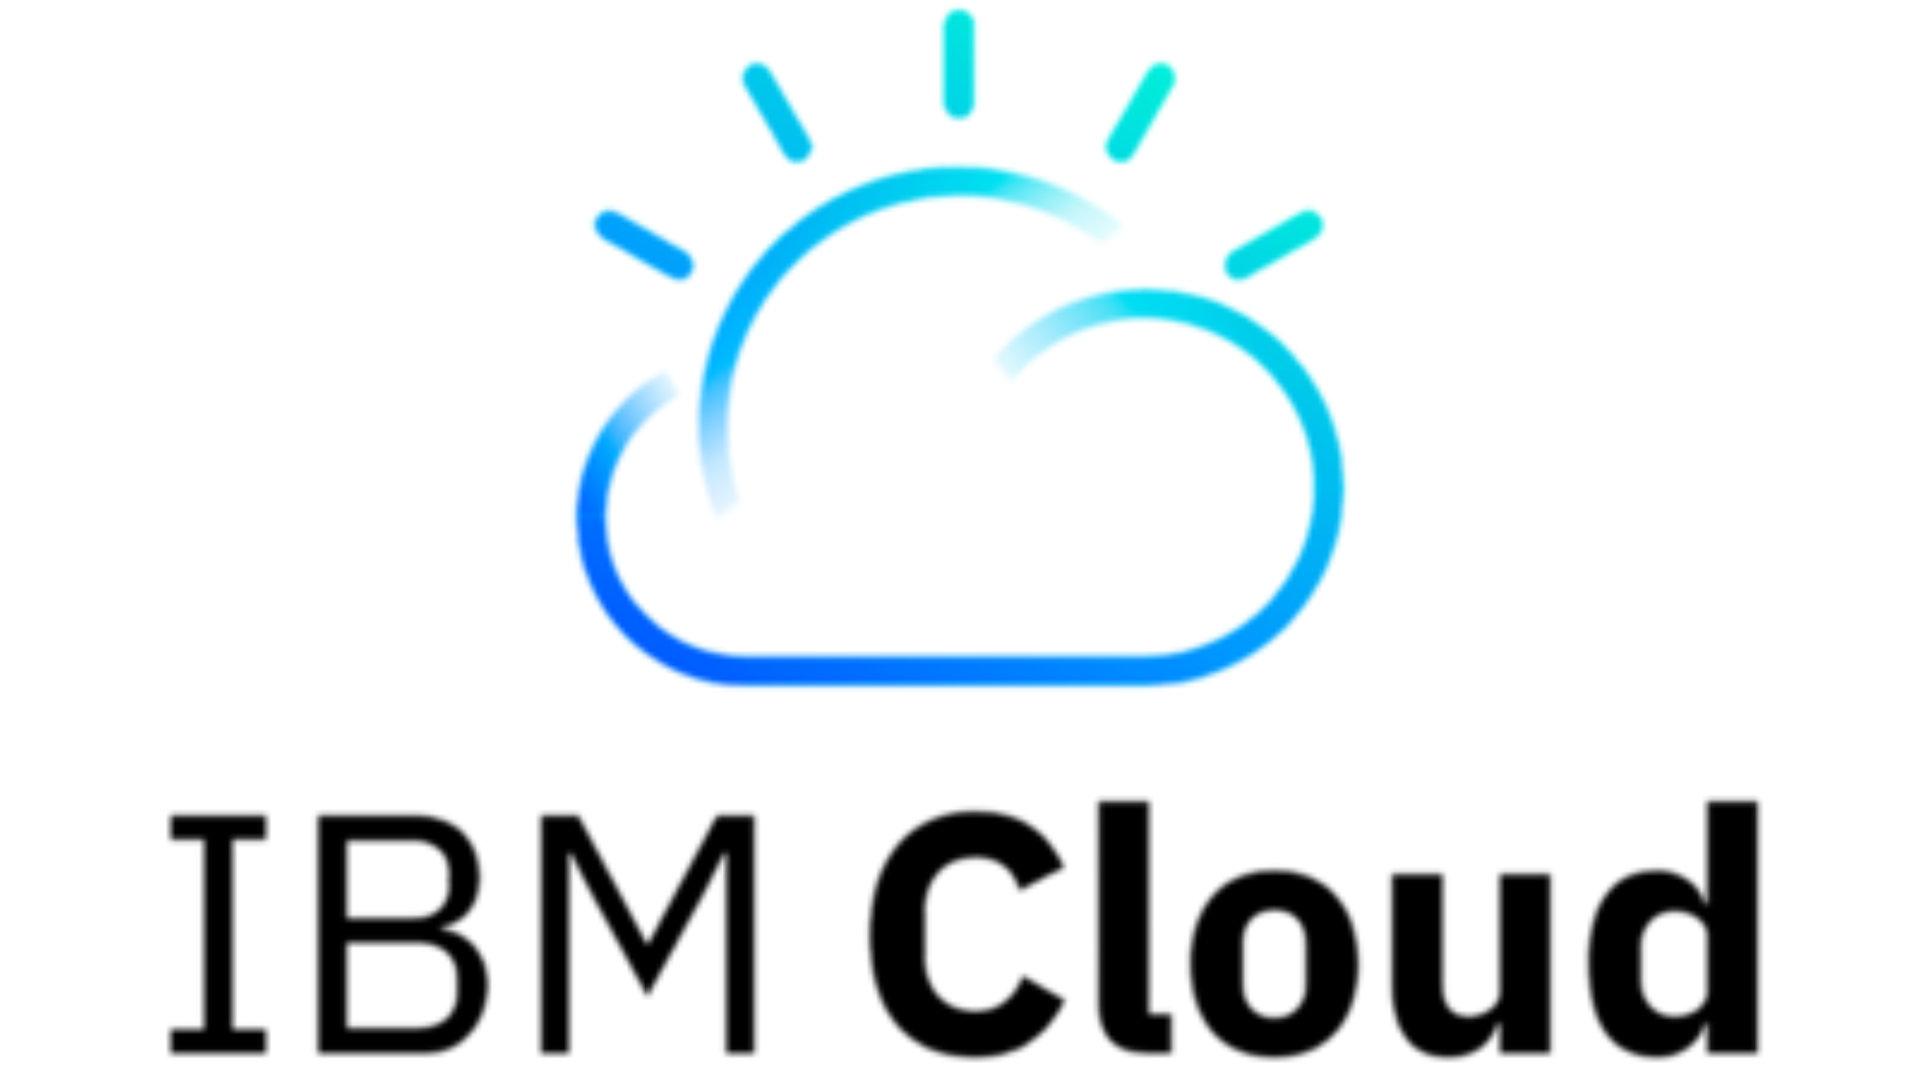 csm_ibm_cloud_ec85f56ad1